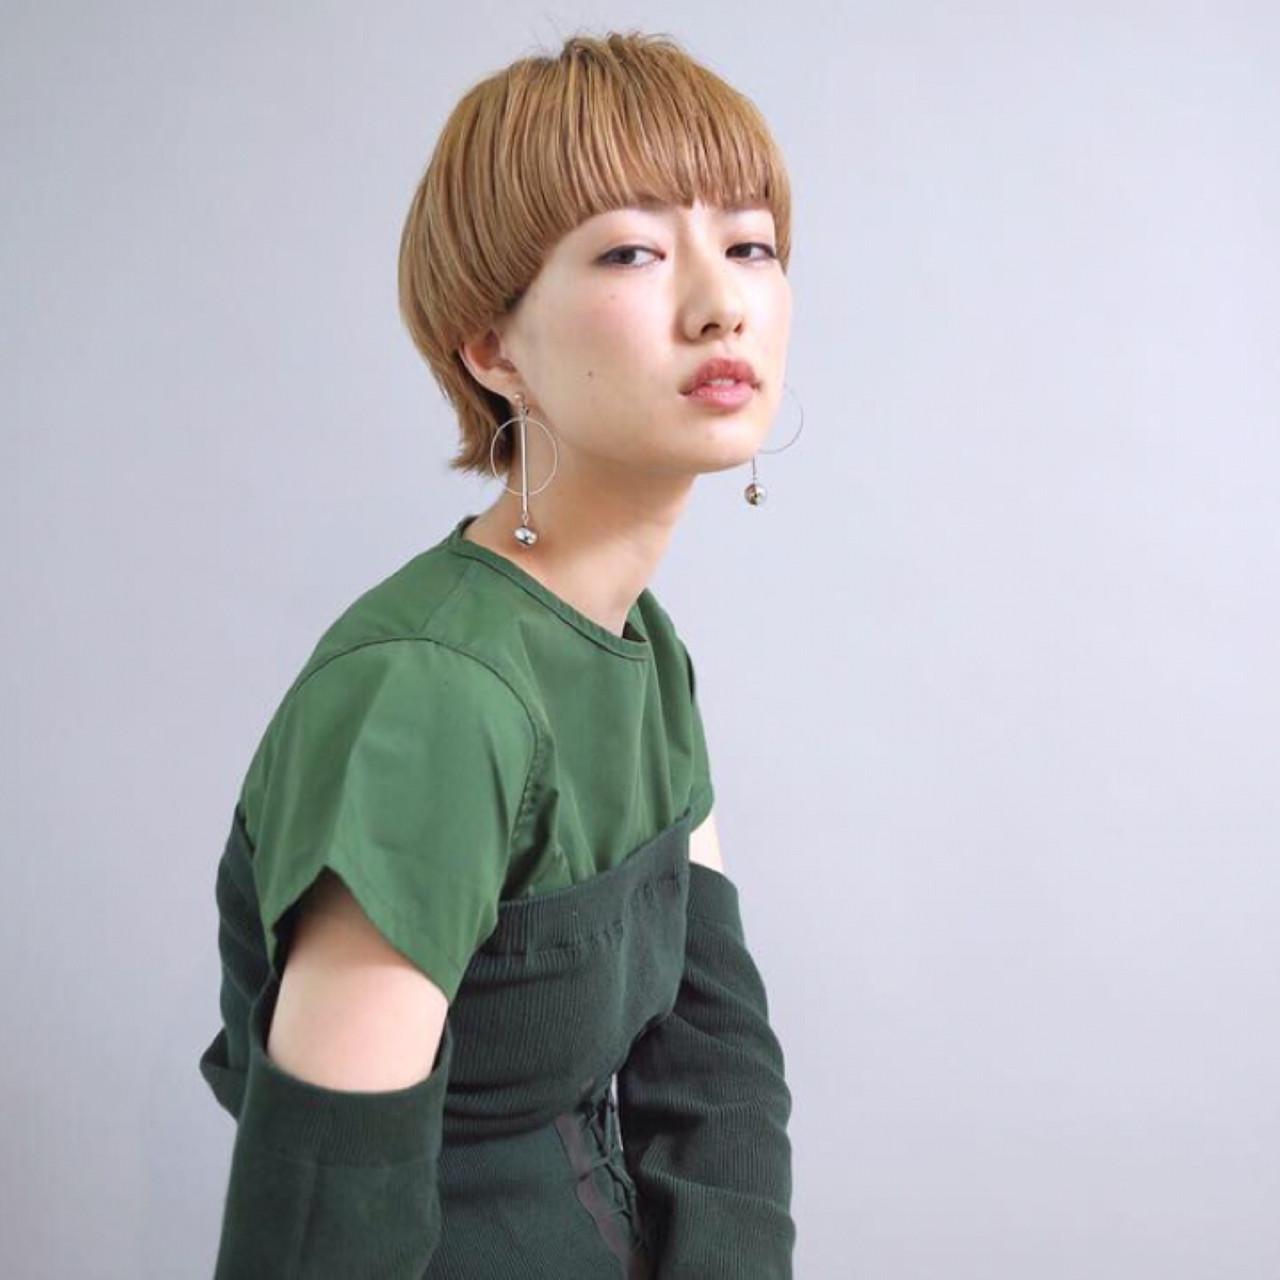 ショート マッシュ ブロンド モード ヘアスタイルや髪型の写真・画像 | 畑山拓也 / Baco.